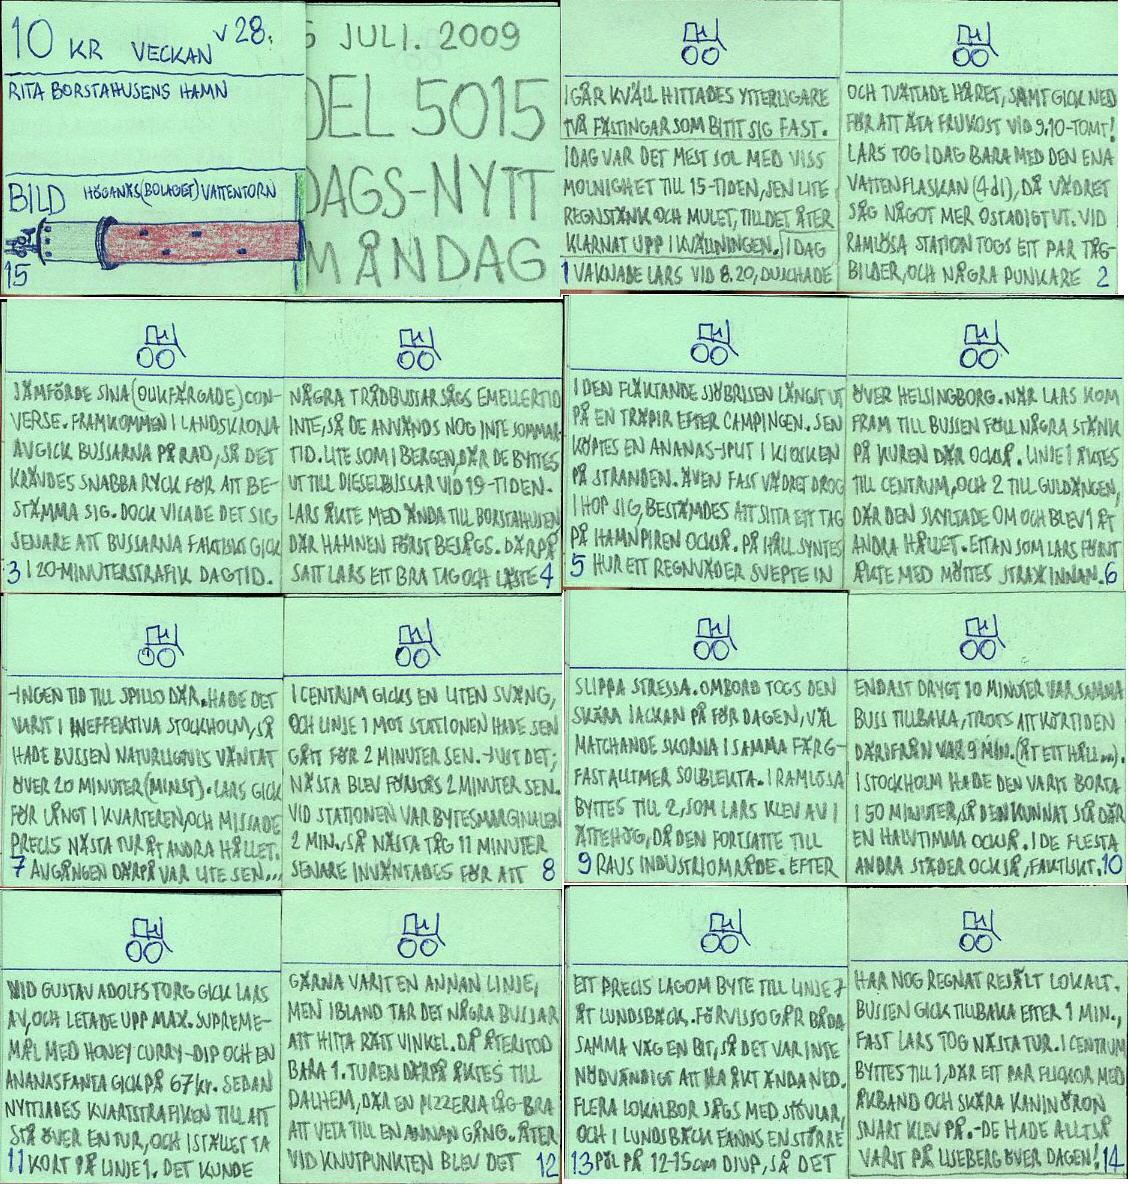 Dags-Nytt 6 juli 2009